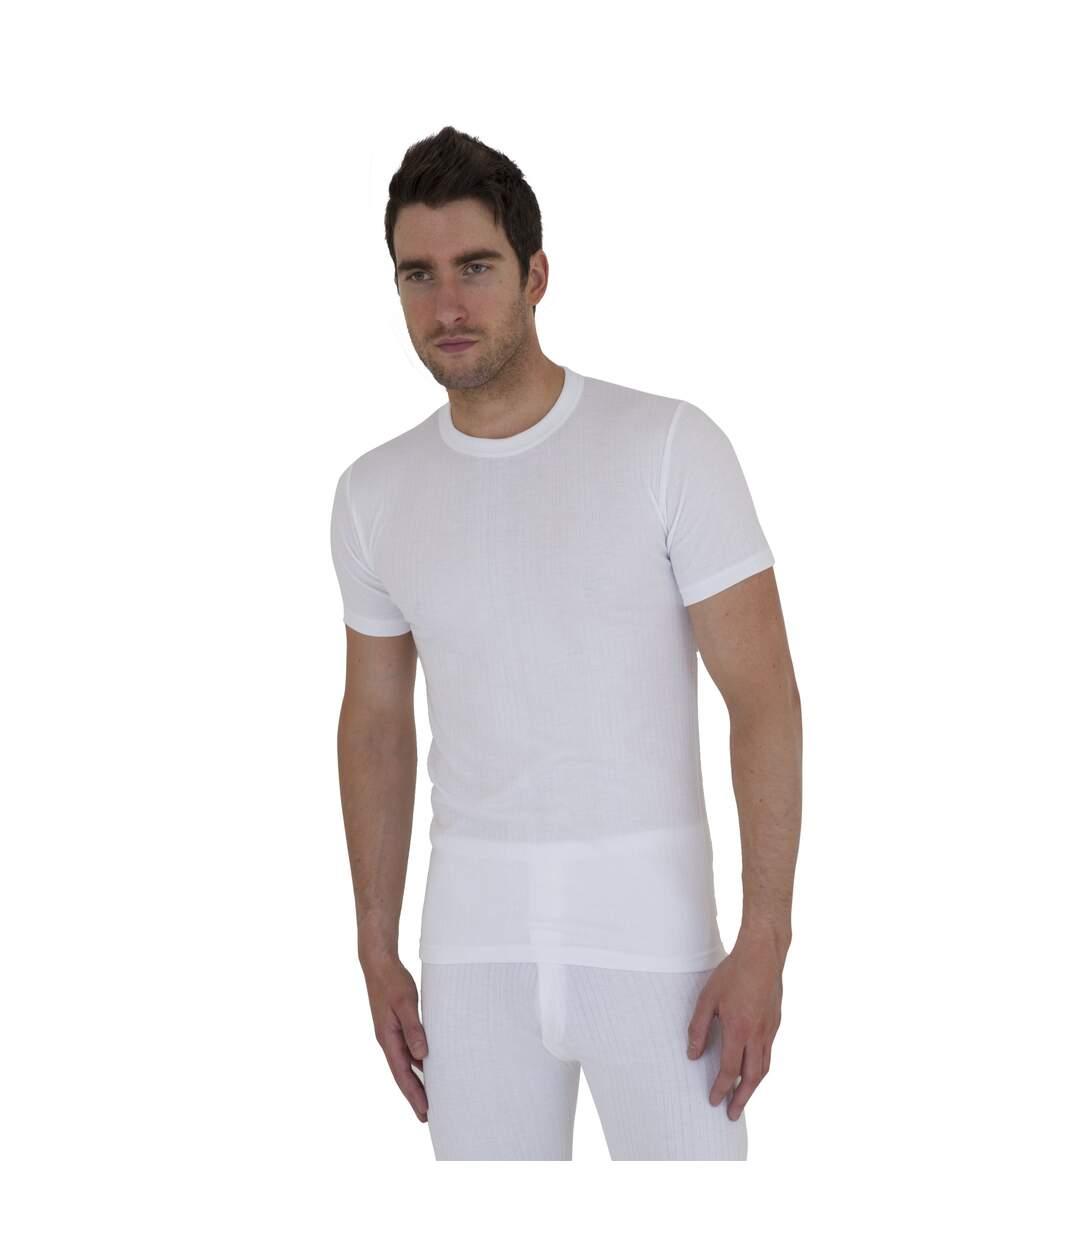 T-shirt thermique à manches courtes - Homme (Blanc) - UTTHERM2